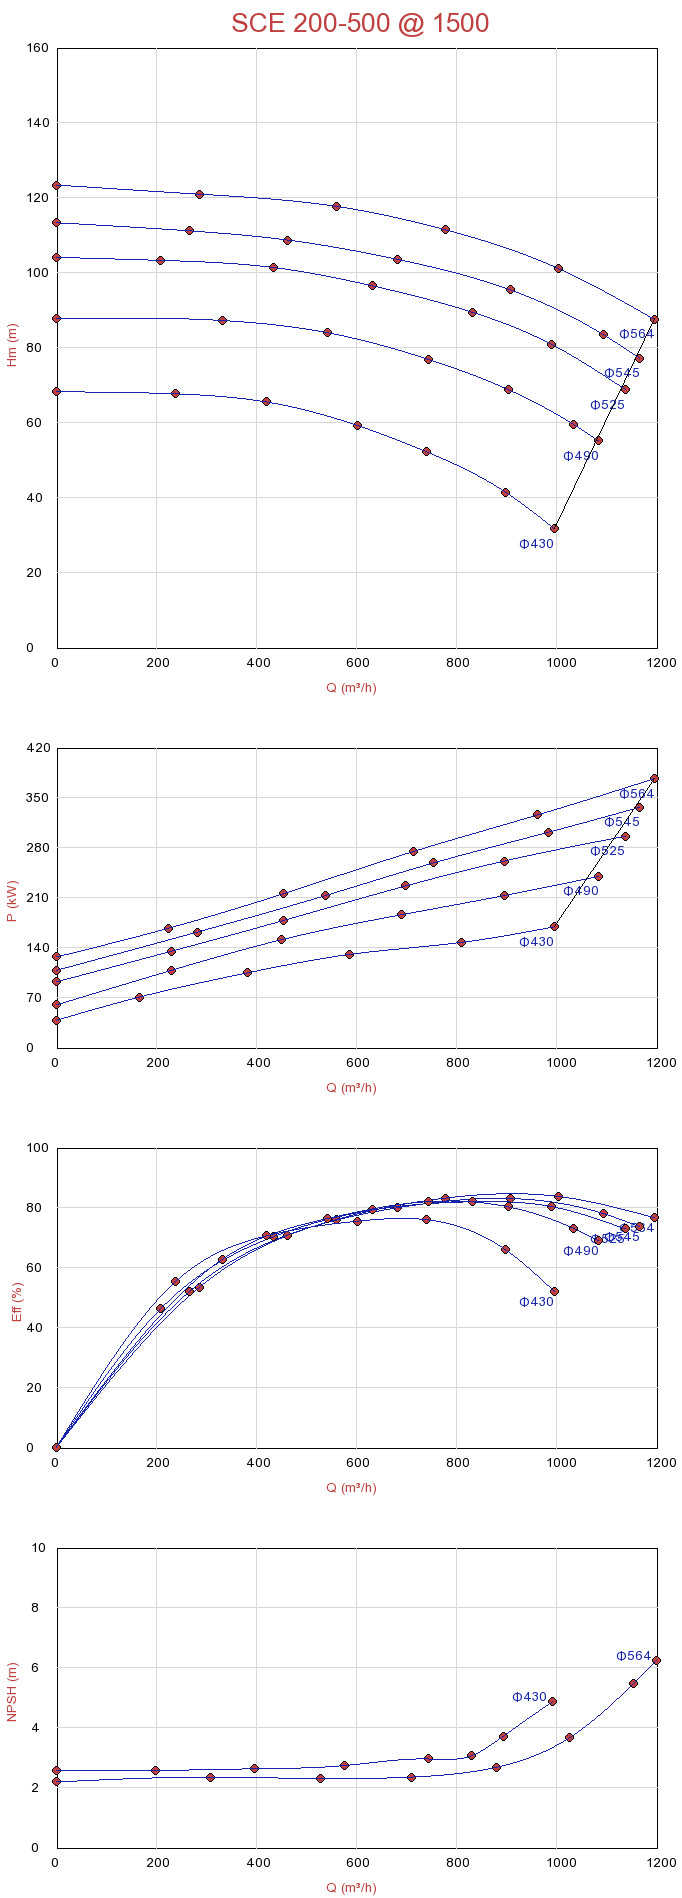 Biểu đồ lưu lượng máy bơm ly tâm hút đôi Sempa SCE 200-500